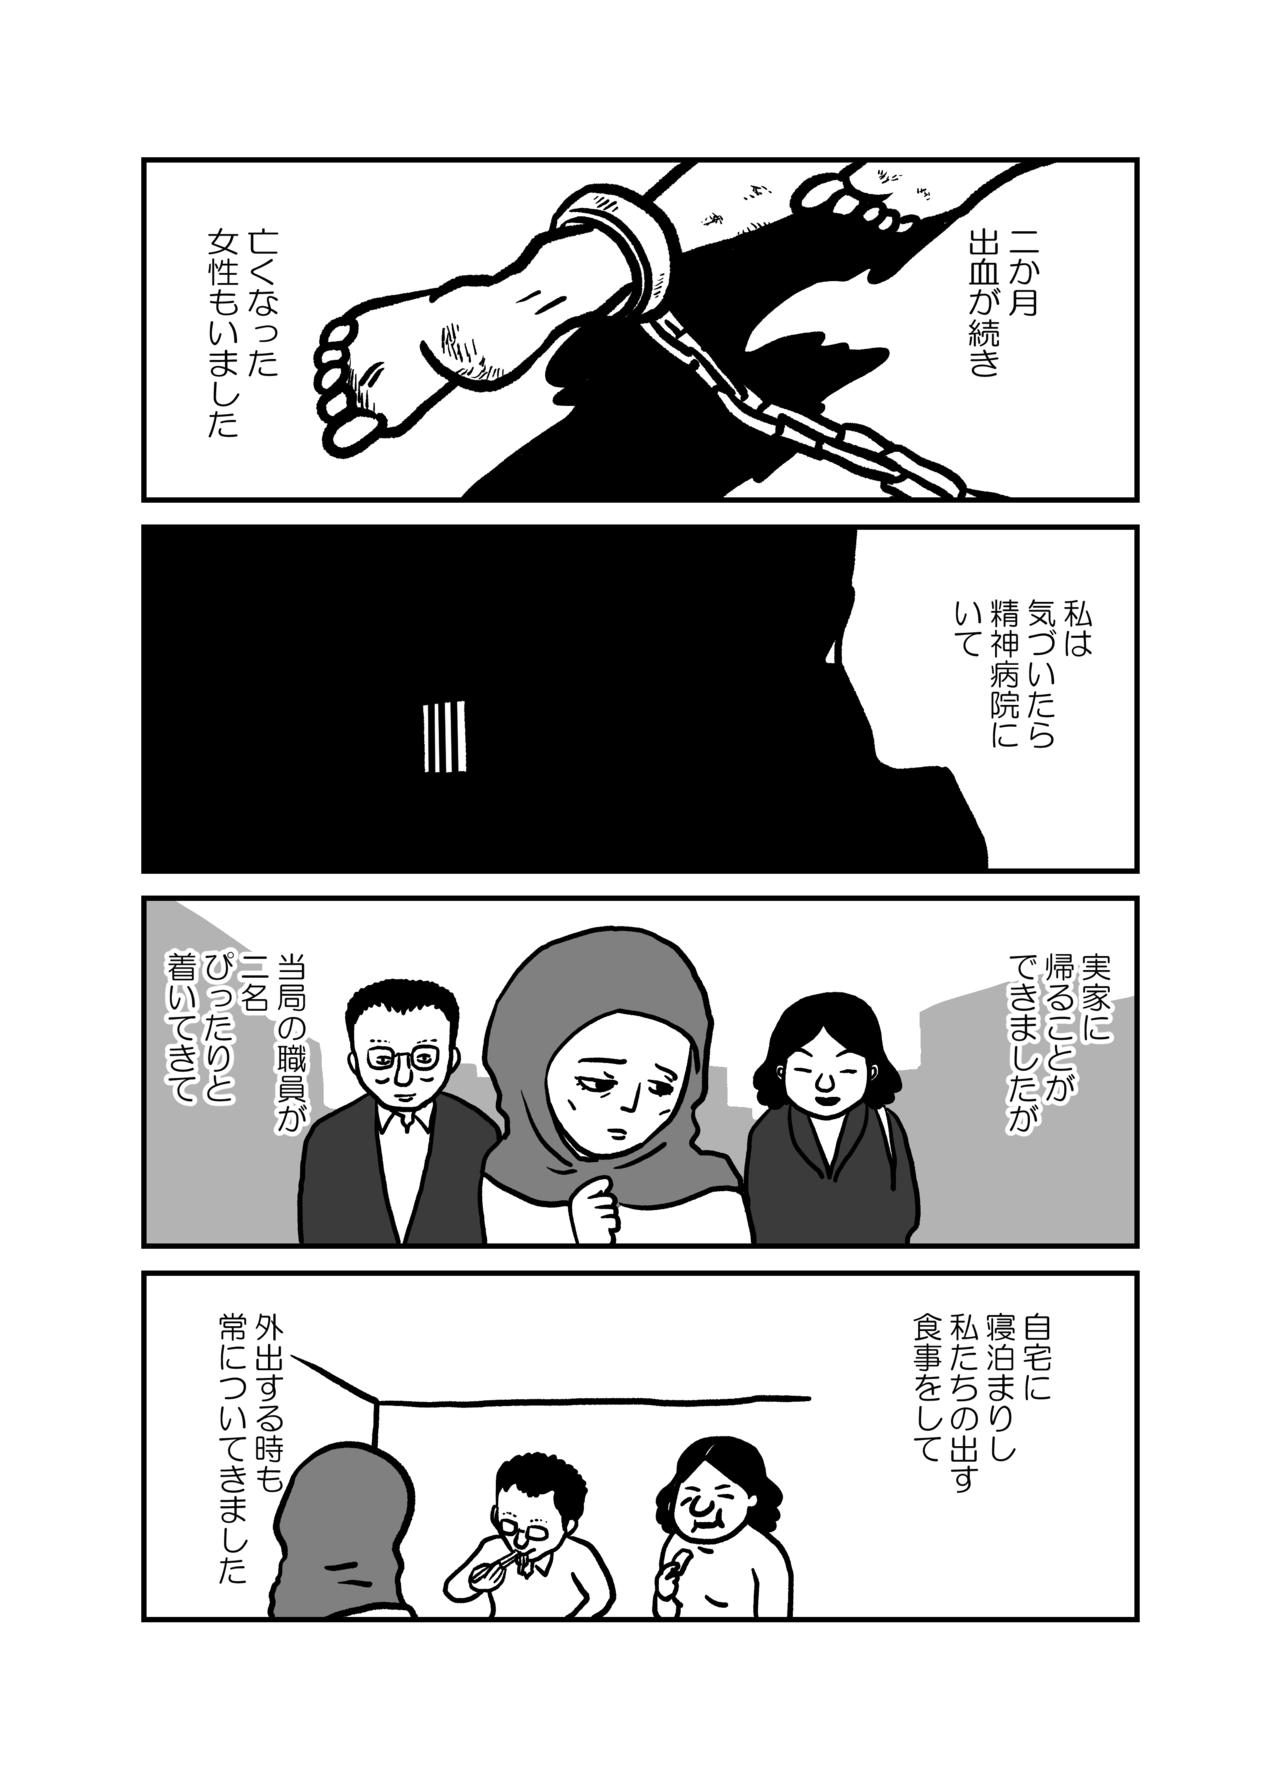 証言集会マンガ09